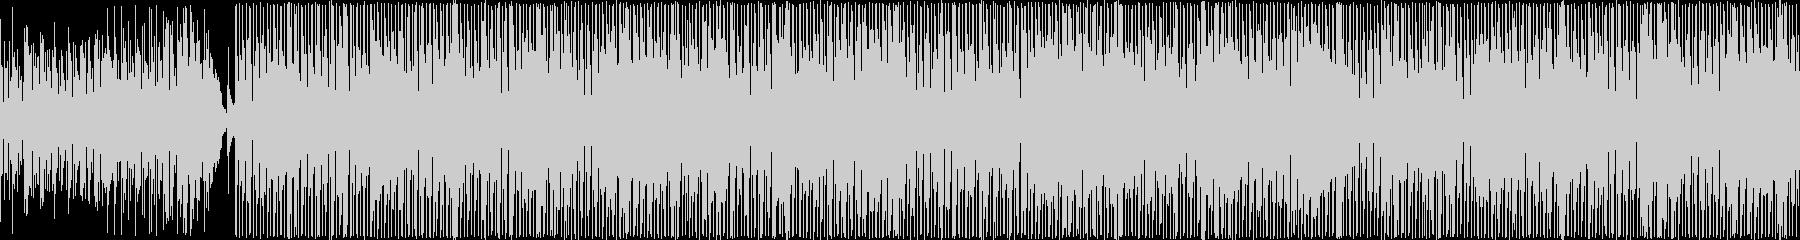 アコギによる軽快で明るい旋律の曲の未再生の波形